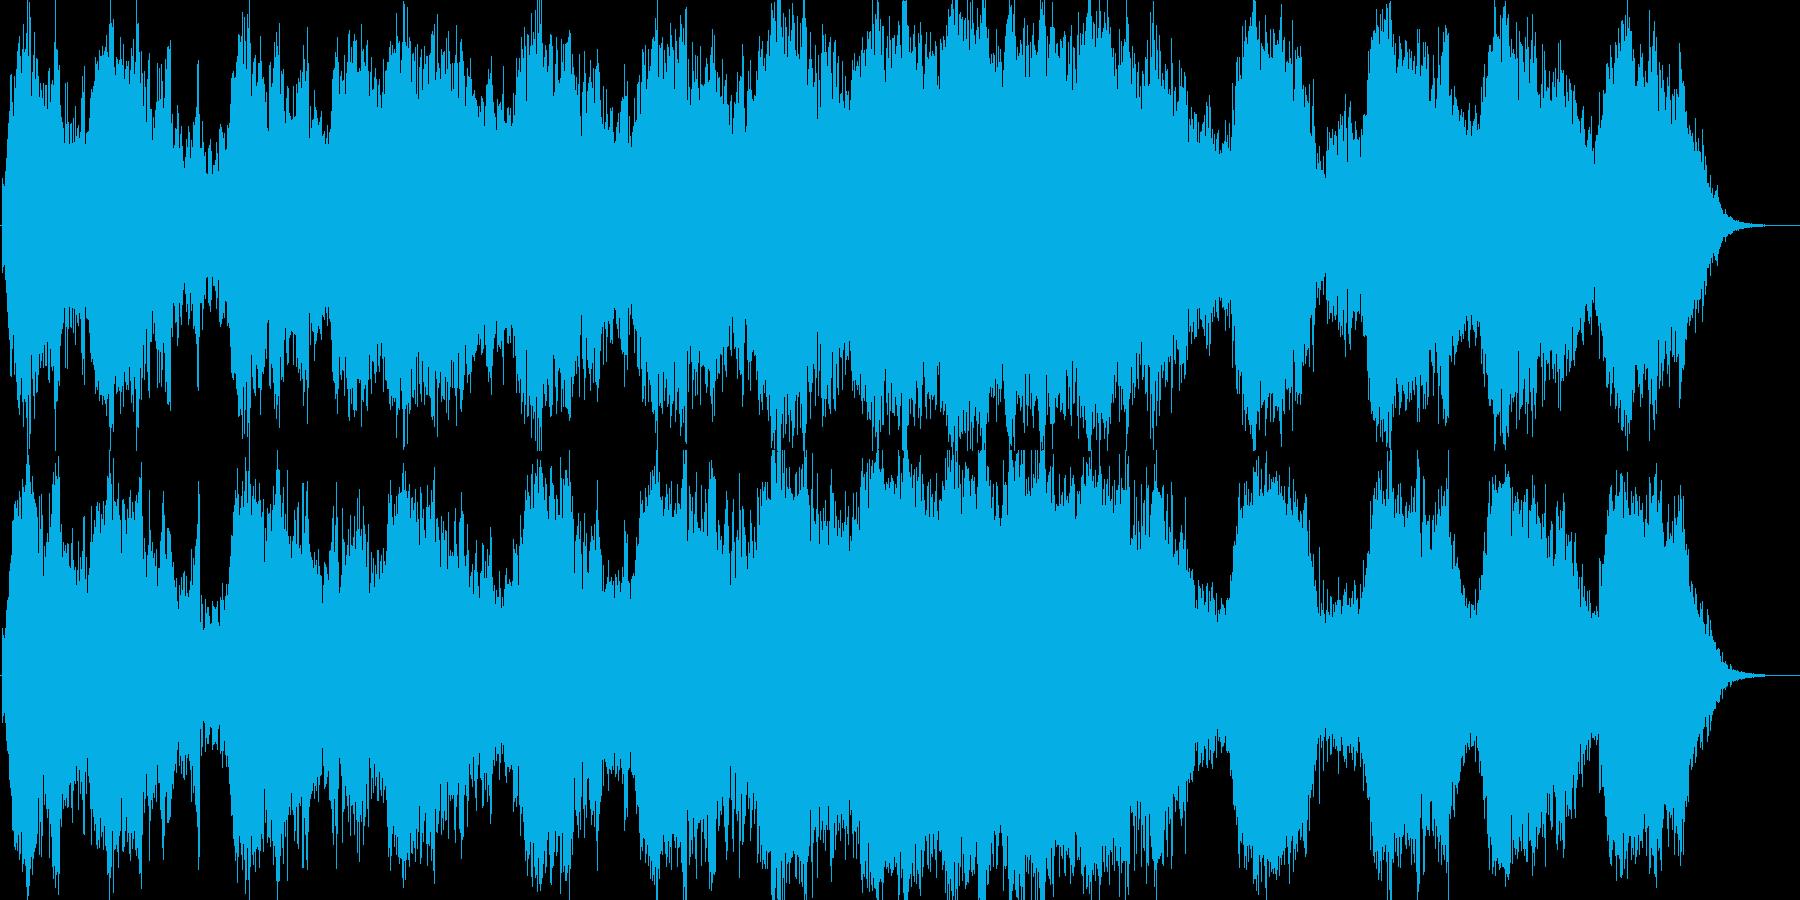 映像・舞台等で使用しやすいパッド系楽曲の再生済みの波形